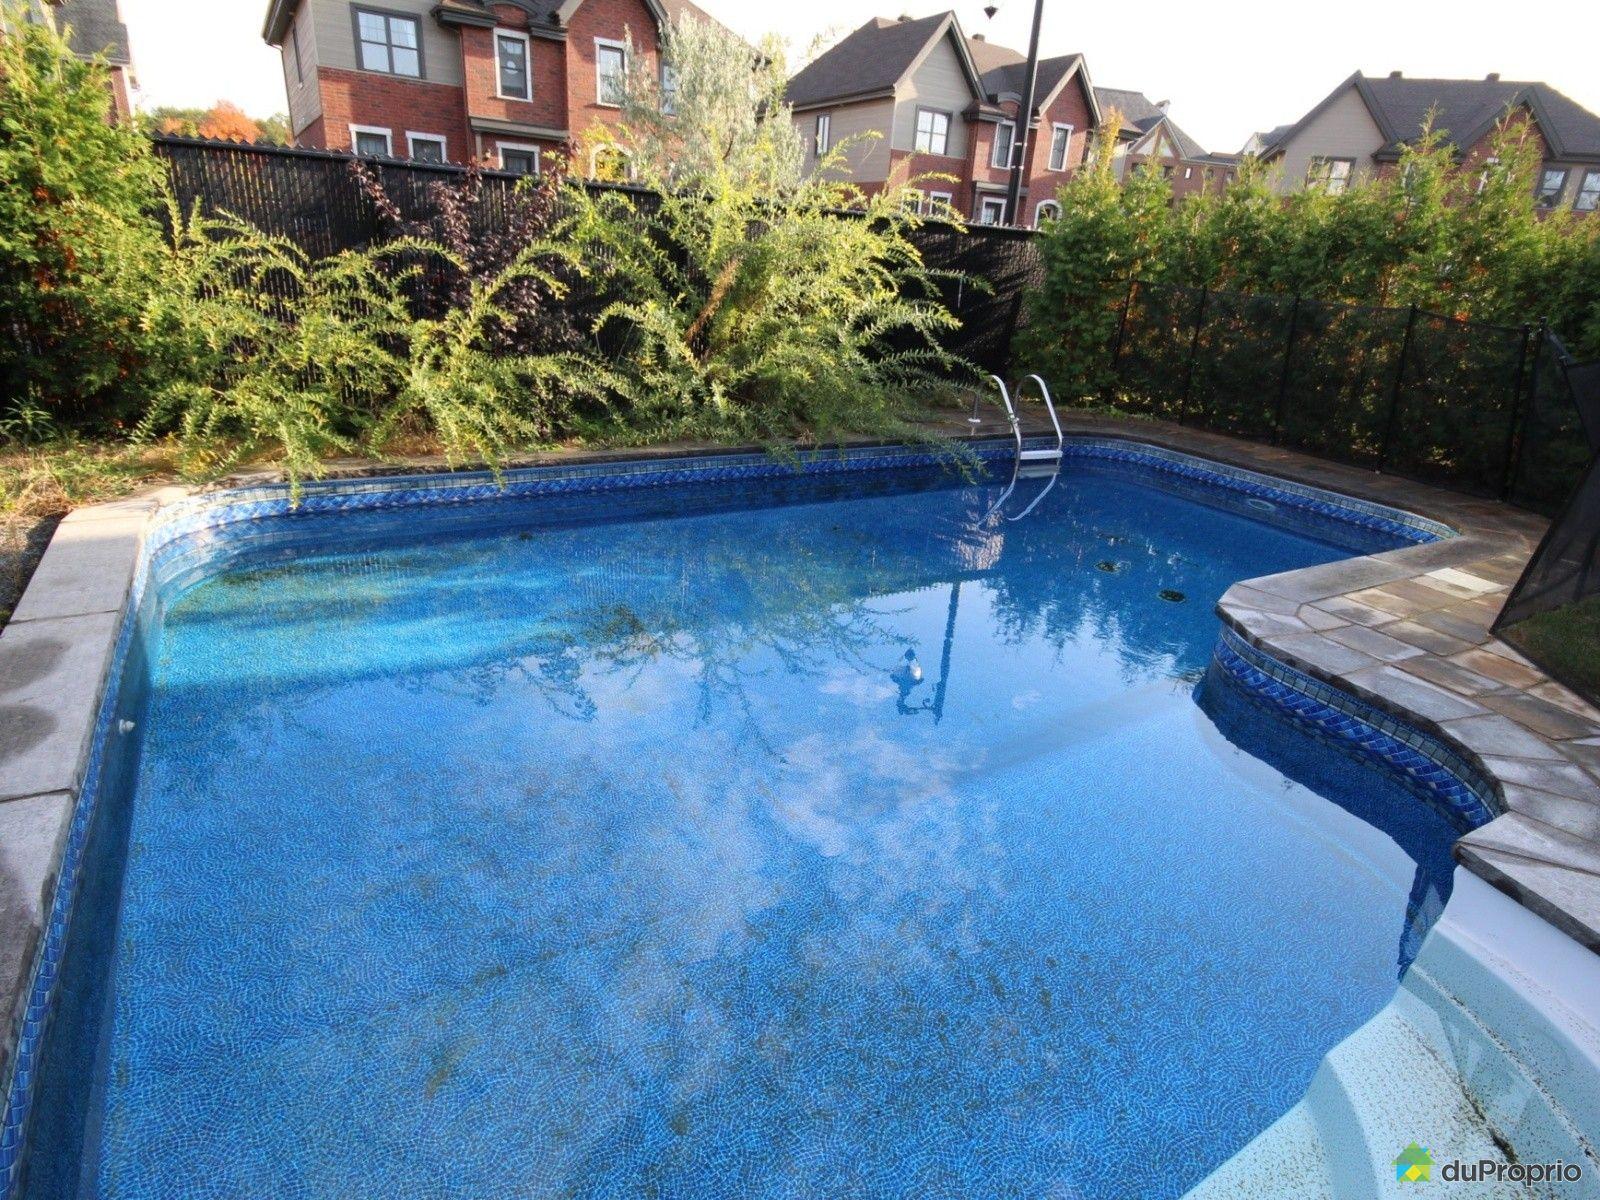 Maison vendre longueuil 1810 rue des cassandres for Aspirateur piscine trevi